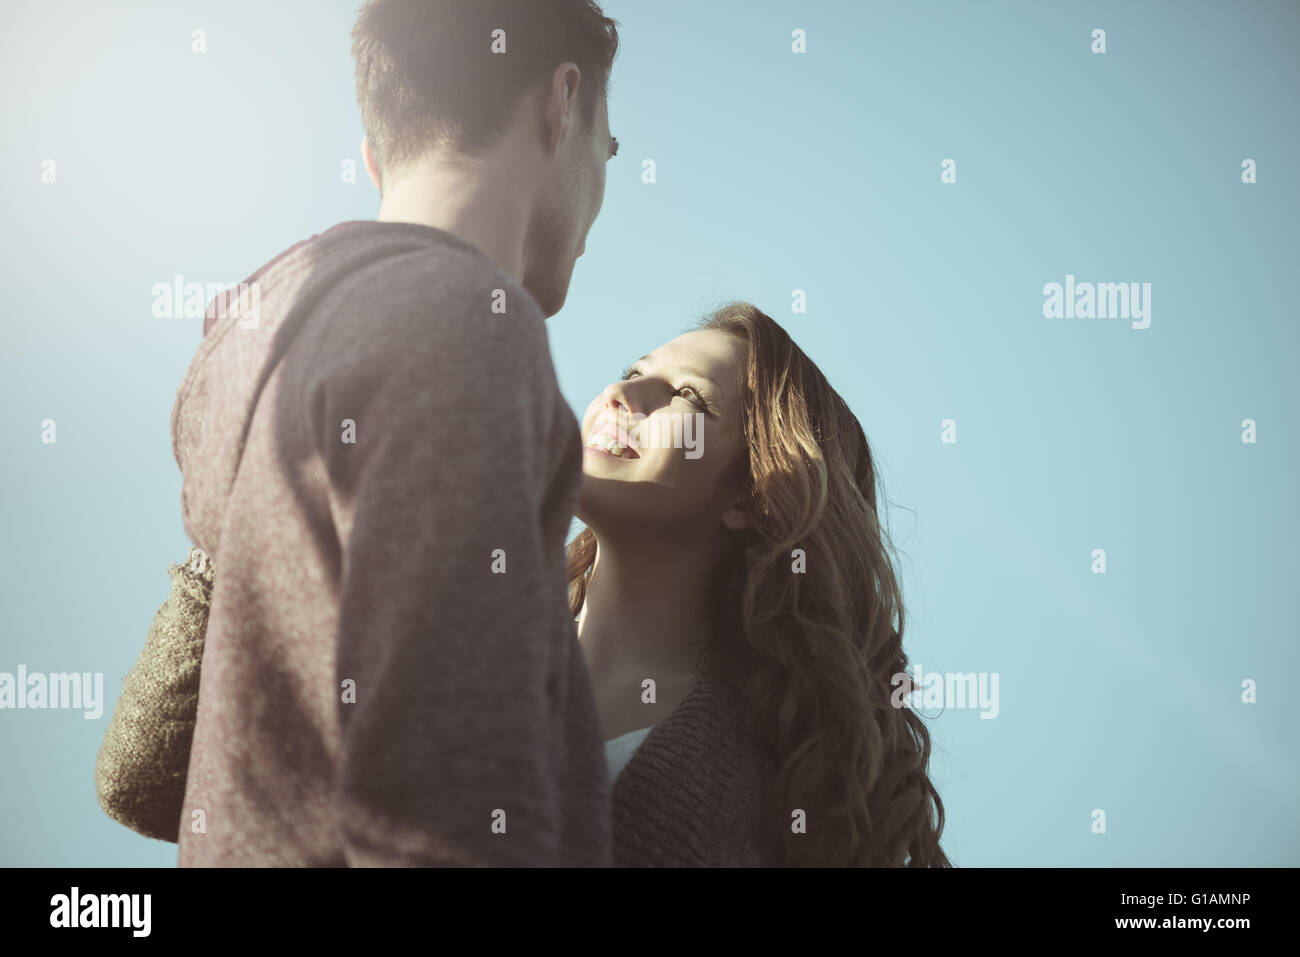 Romantische junge Teenager starrte auf einander gegen blauen Himmel, Liebe und Beziehungen-Konzept Stockbild